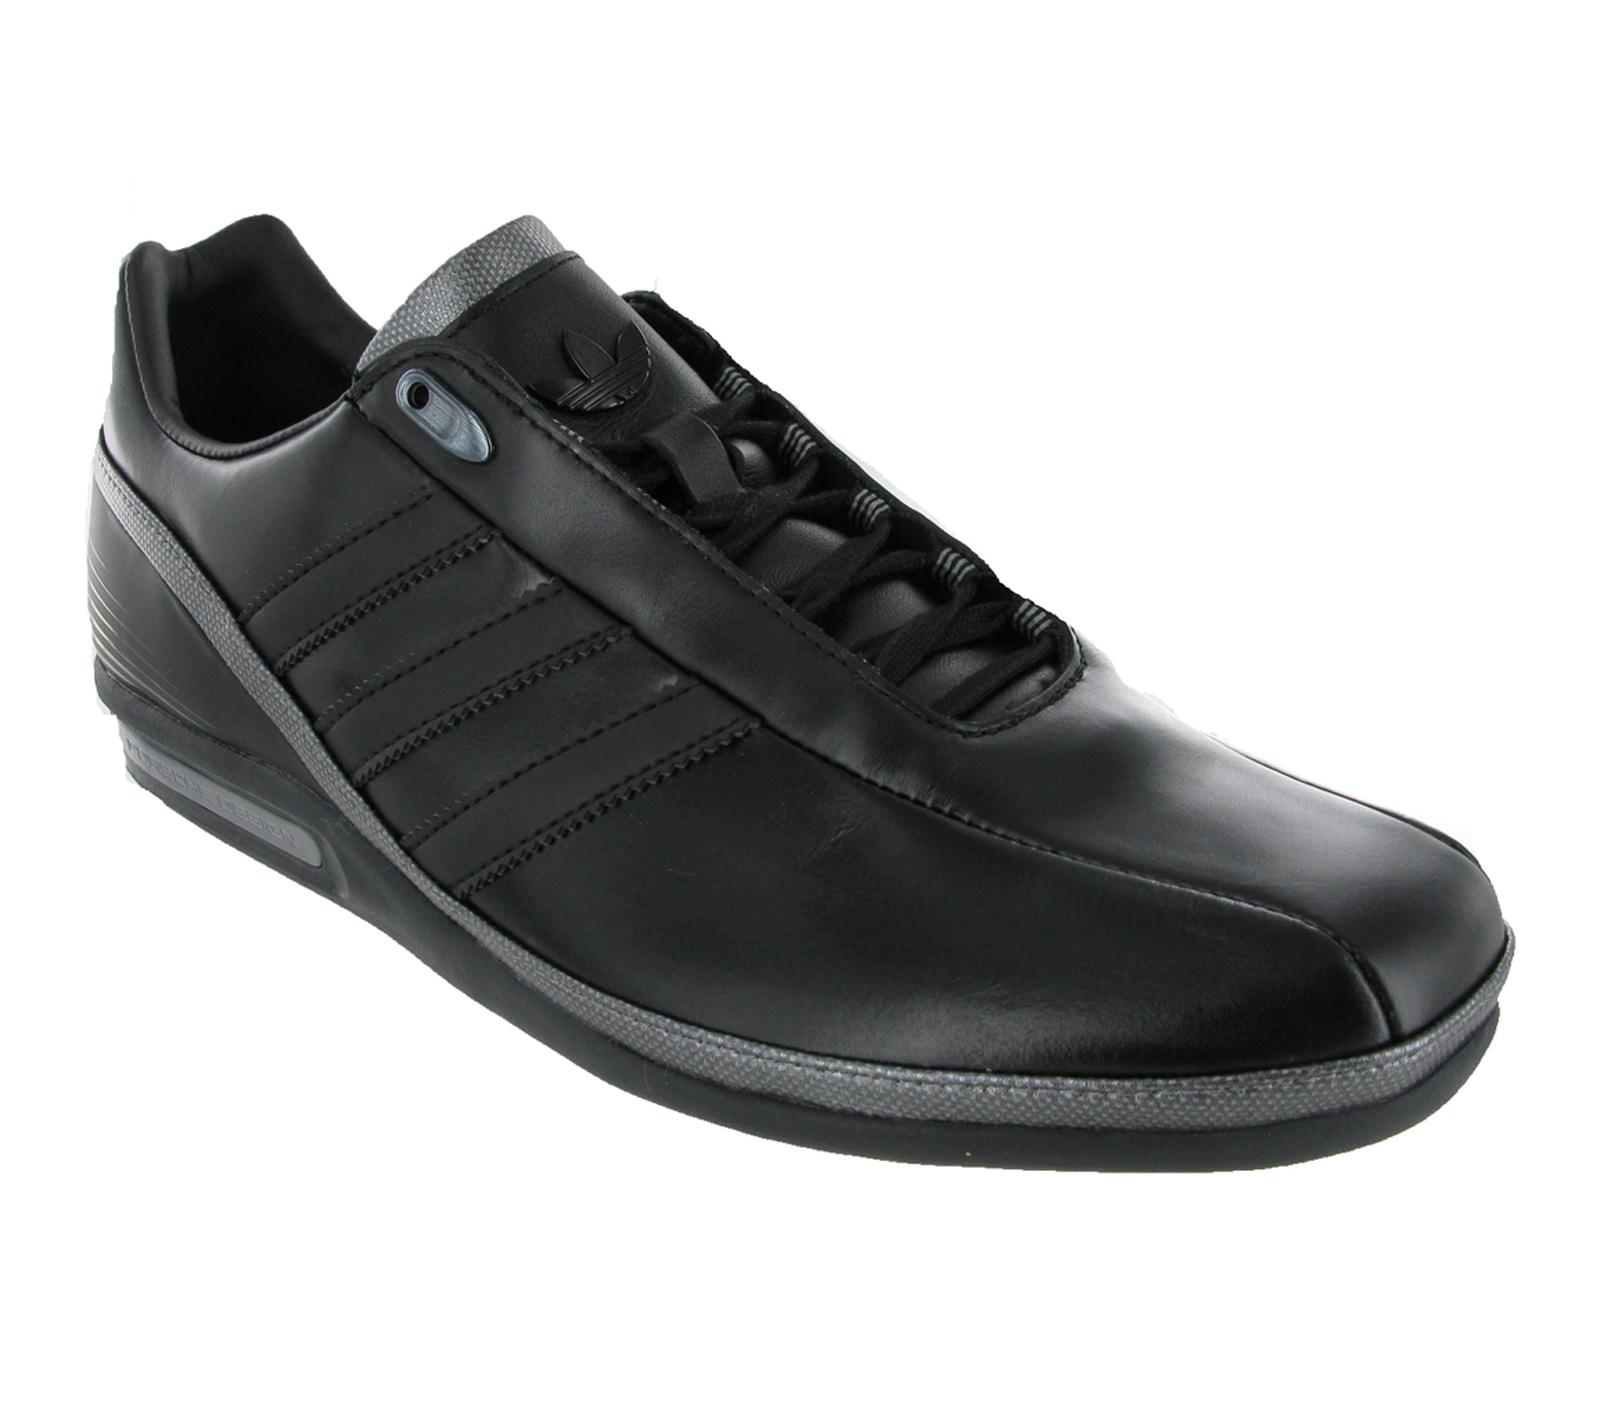 Adidas Porsche Design Sp Mens Shoes